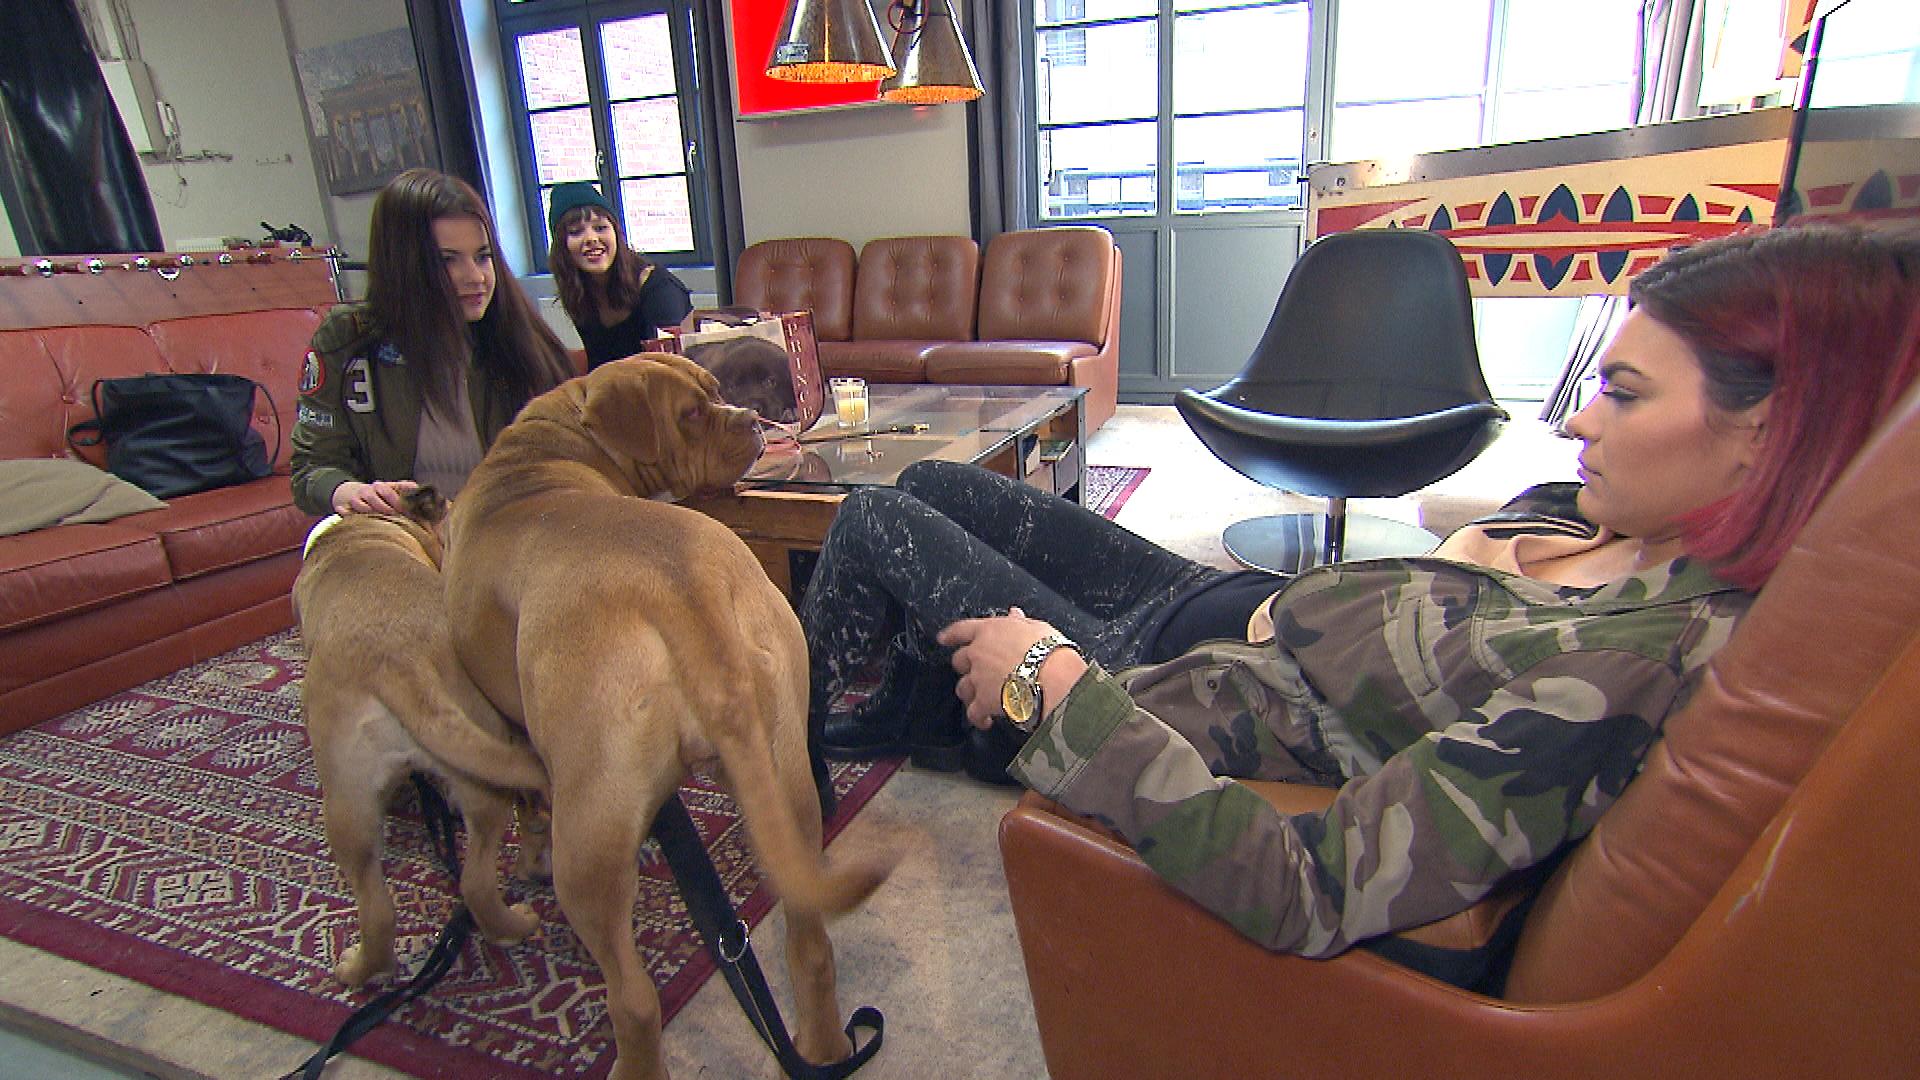 Jessica,re., glaubt, mit ihrem Hundesitter-Job das große Los gezogen zu haben. Freundinnen,li. (Quelle: RTL 2)